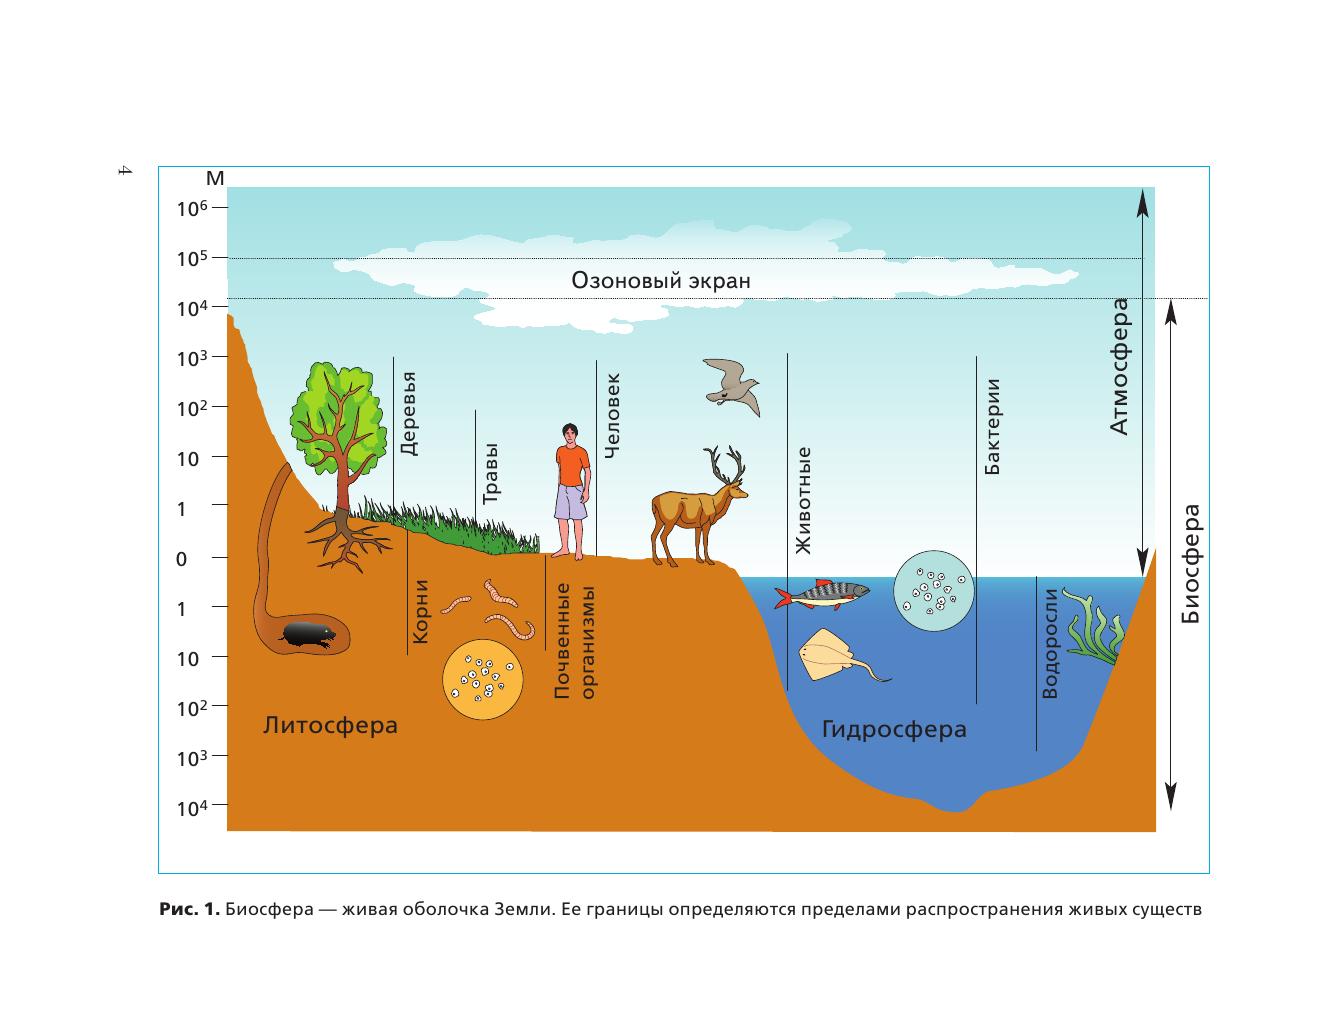 Экология. 9 класс. Биосфера и человечество. Учебное пособие - страница 4